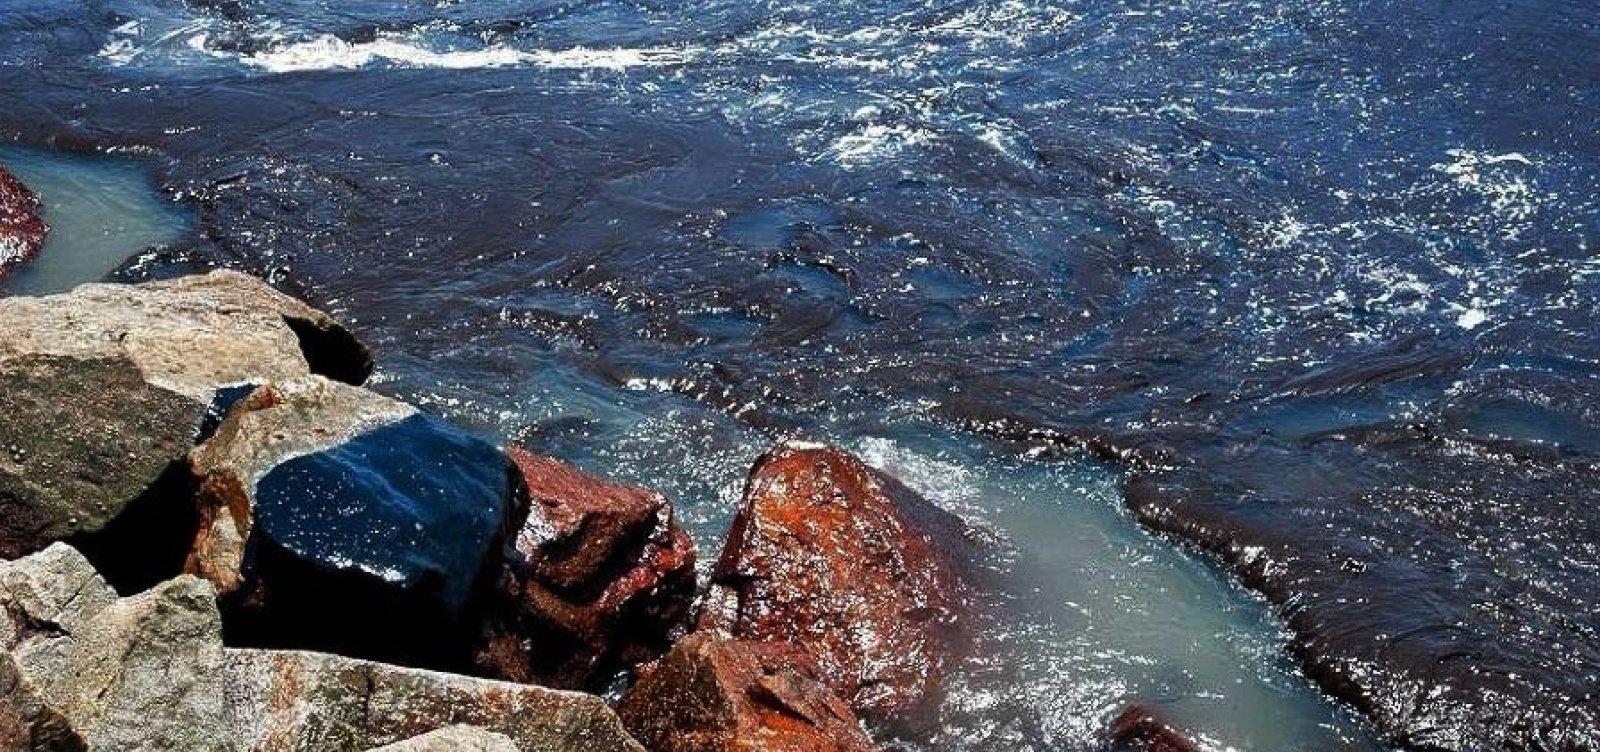 Número de praias atingidas por manchas de óleo chega a 132